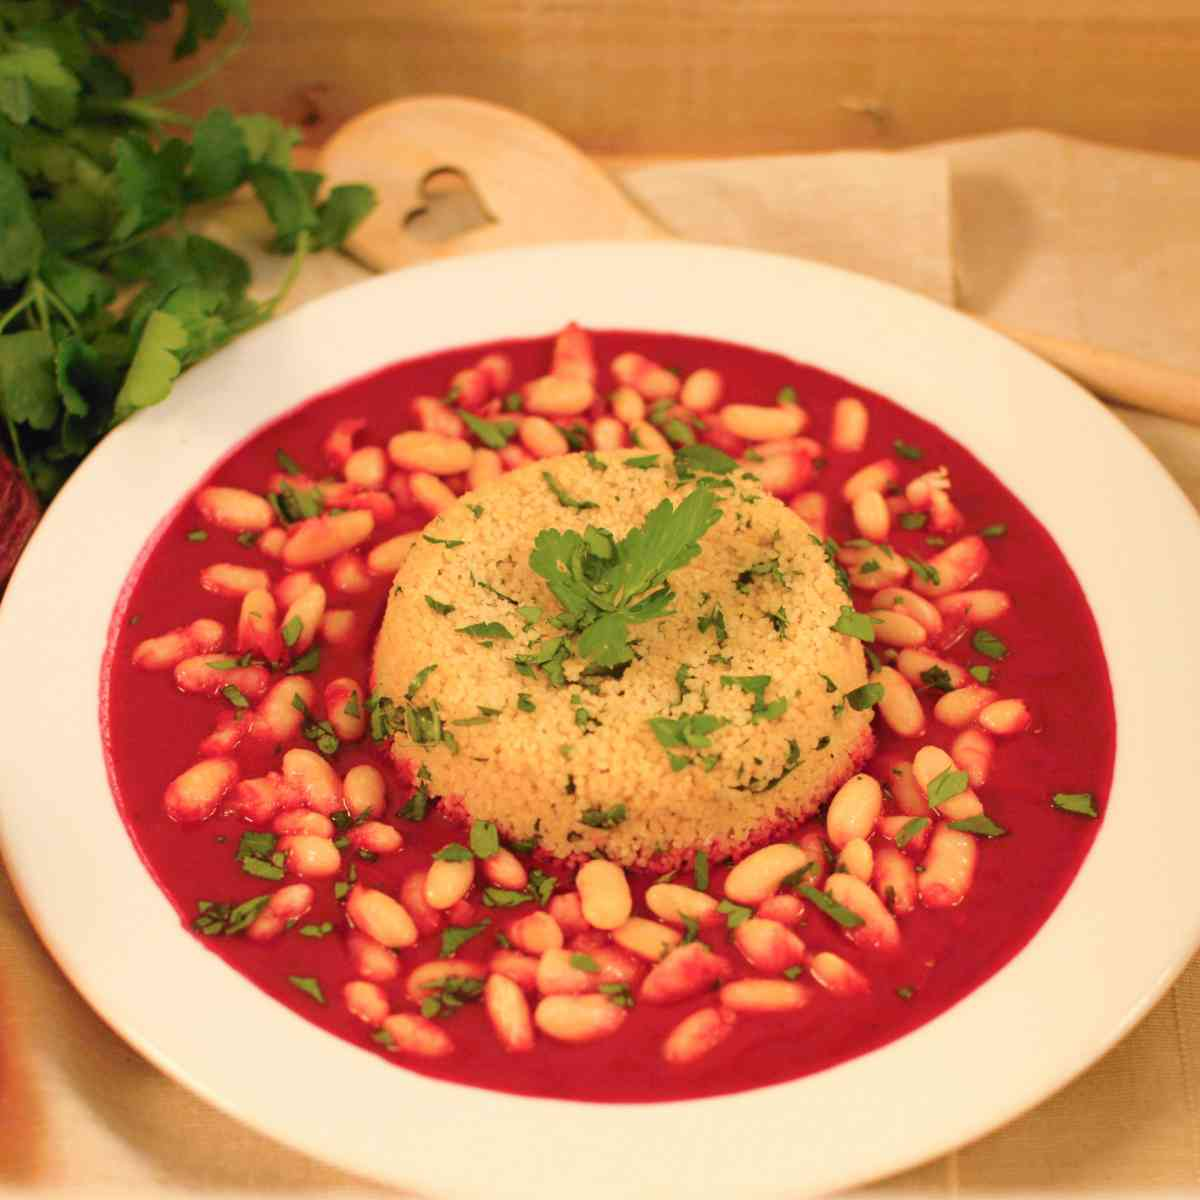 Omáčka z červené řepy a mrkve, velká bílá fazole, polenta, pickles